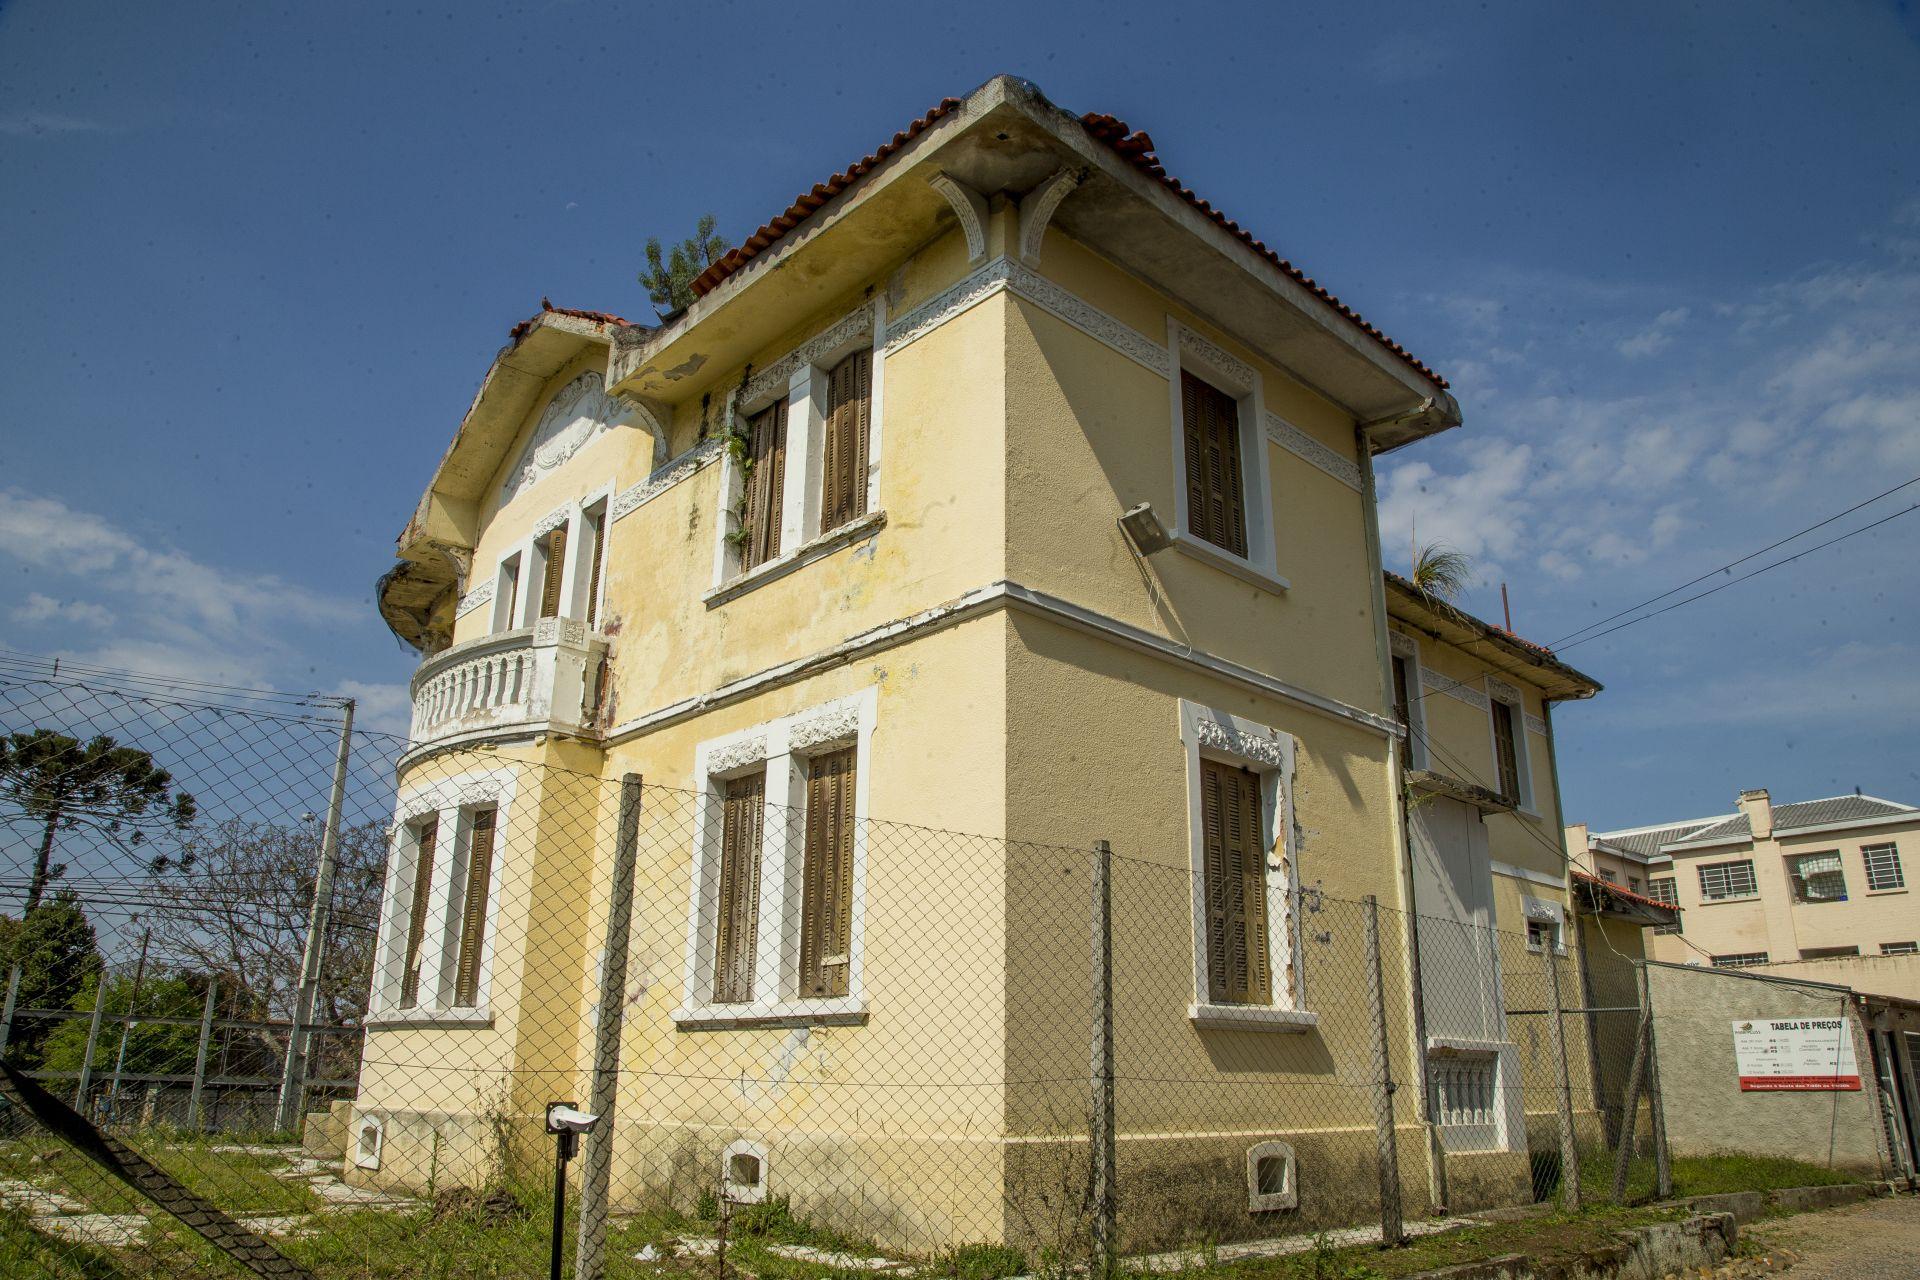 As Villas eram residências espaçosas, características das primeiras décadas do século XX. Foto: Hugo Harada/Gazeta do Povo